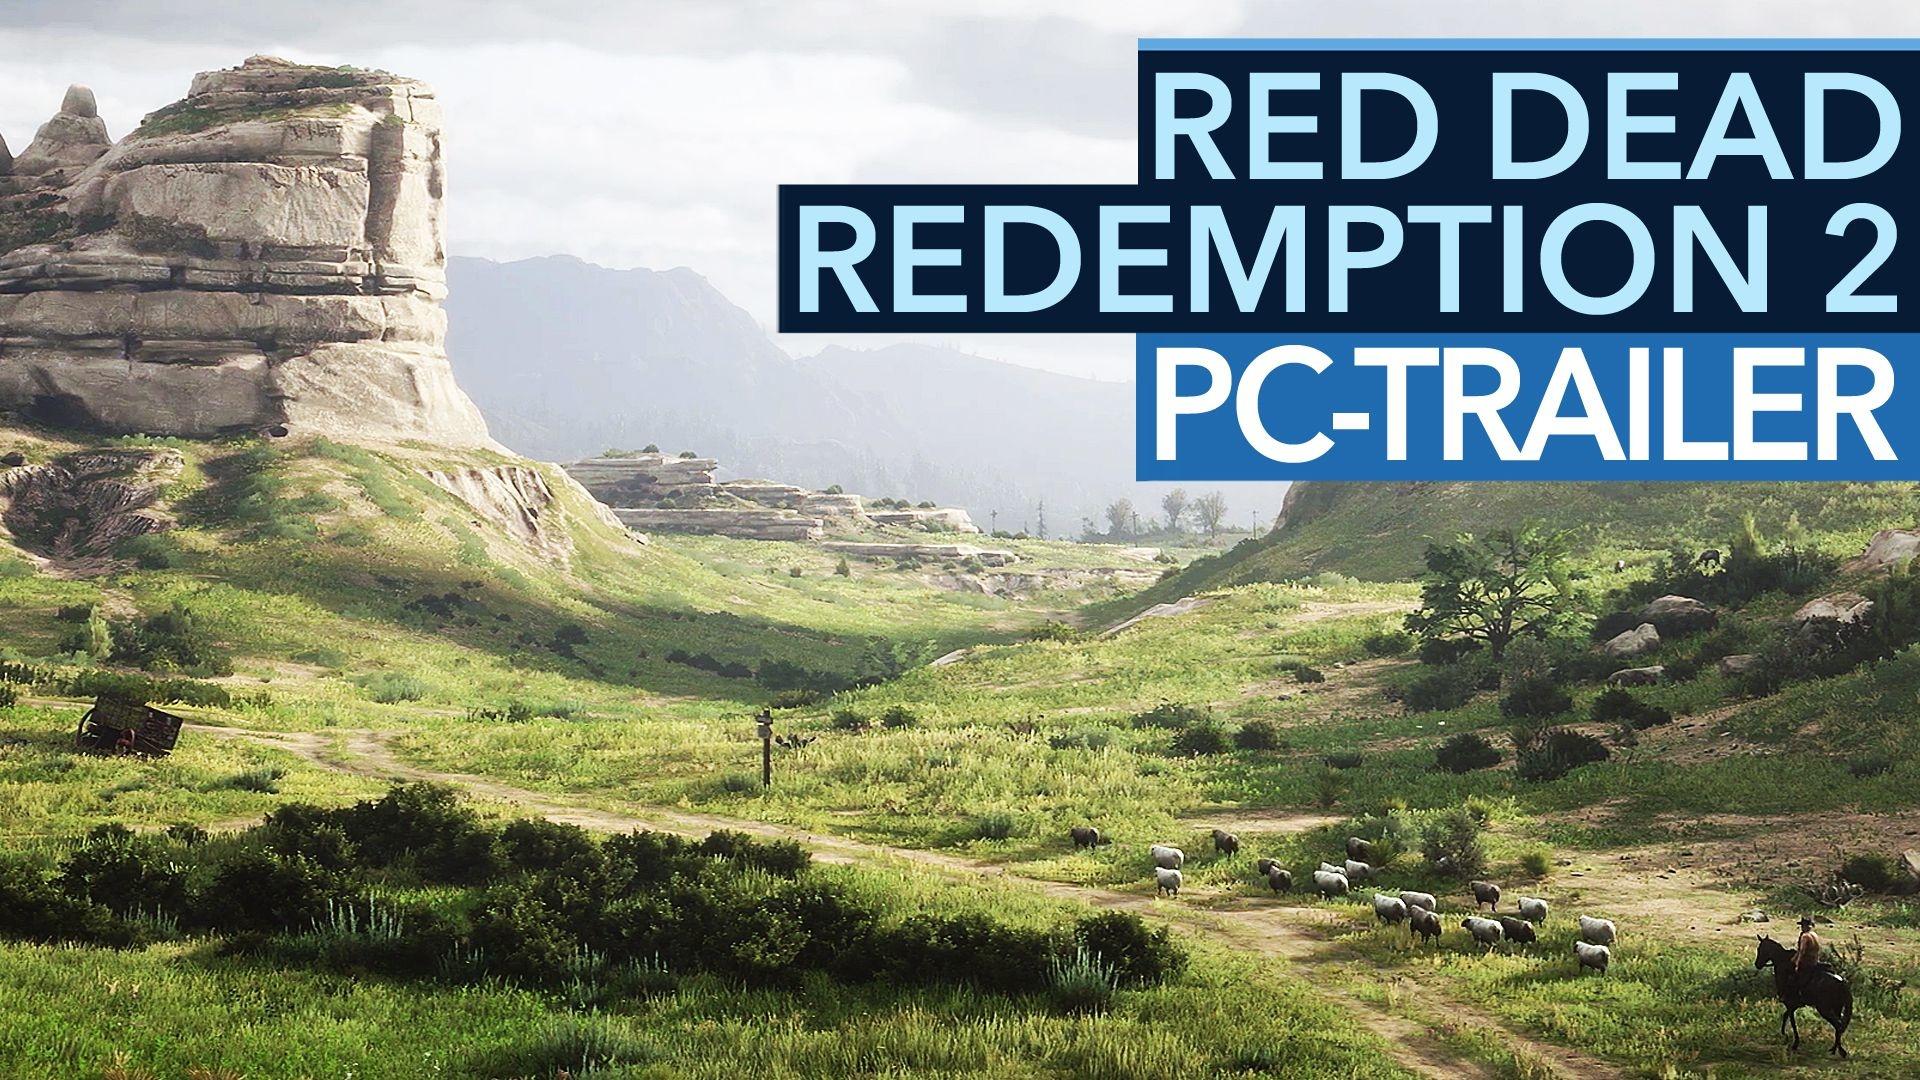 Red Dead Redemption 2: Erster PC-Trailer verspricht noch mehr Grafikdetails als die PS4-Version